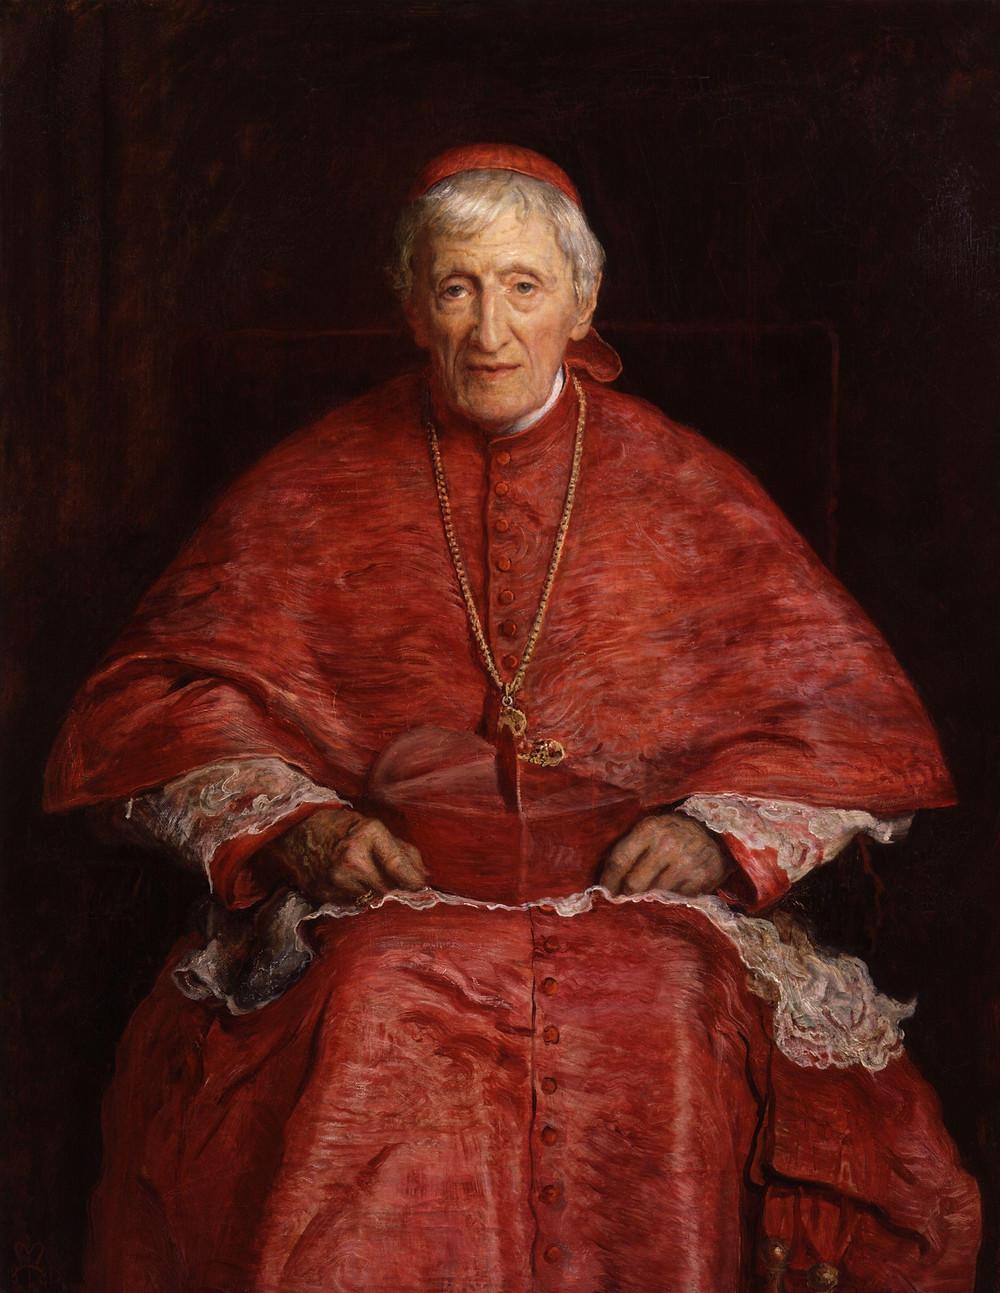 John Henry Newman by Sir John Everett Millais (Wikipedia)